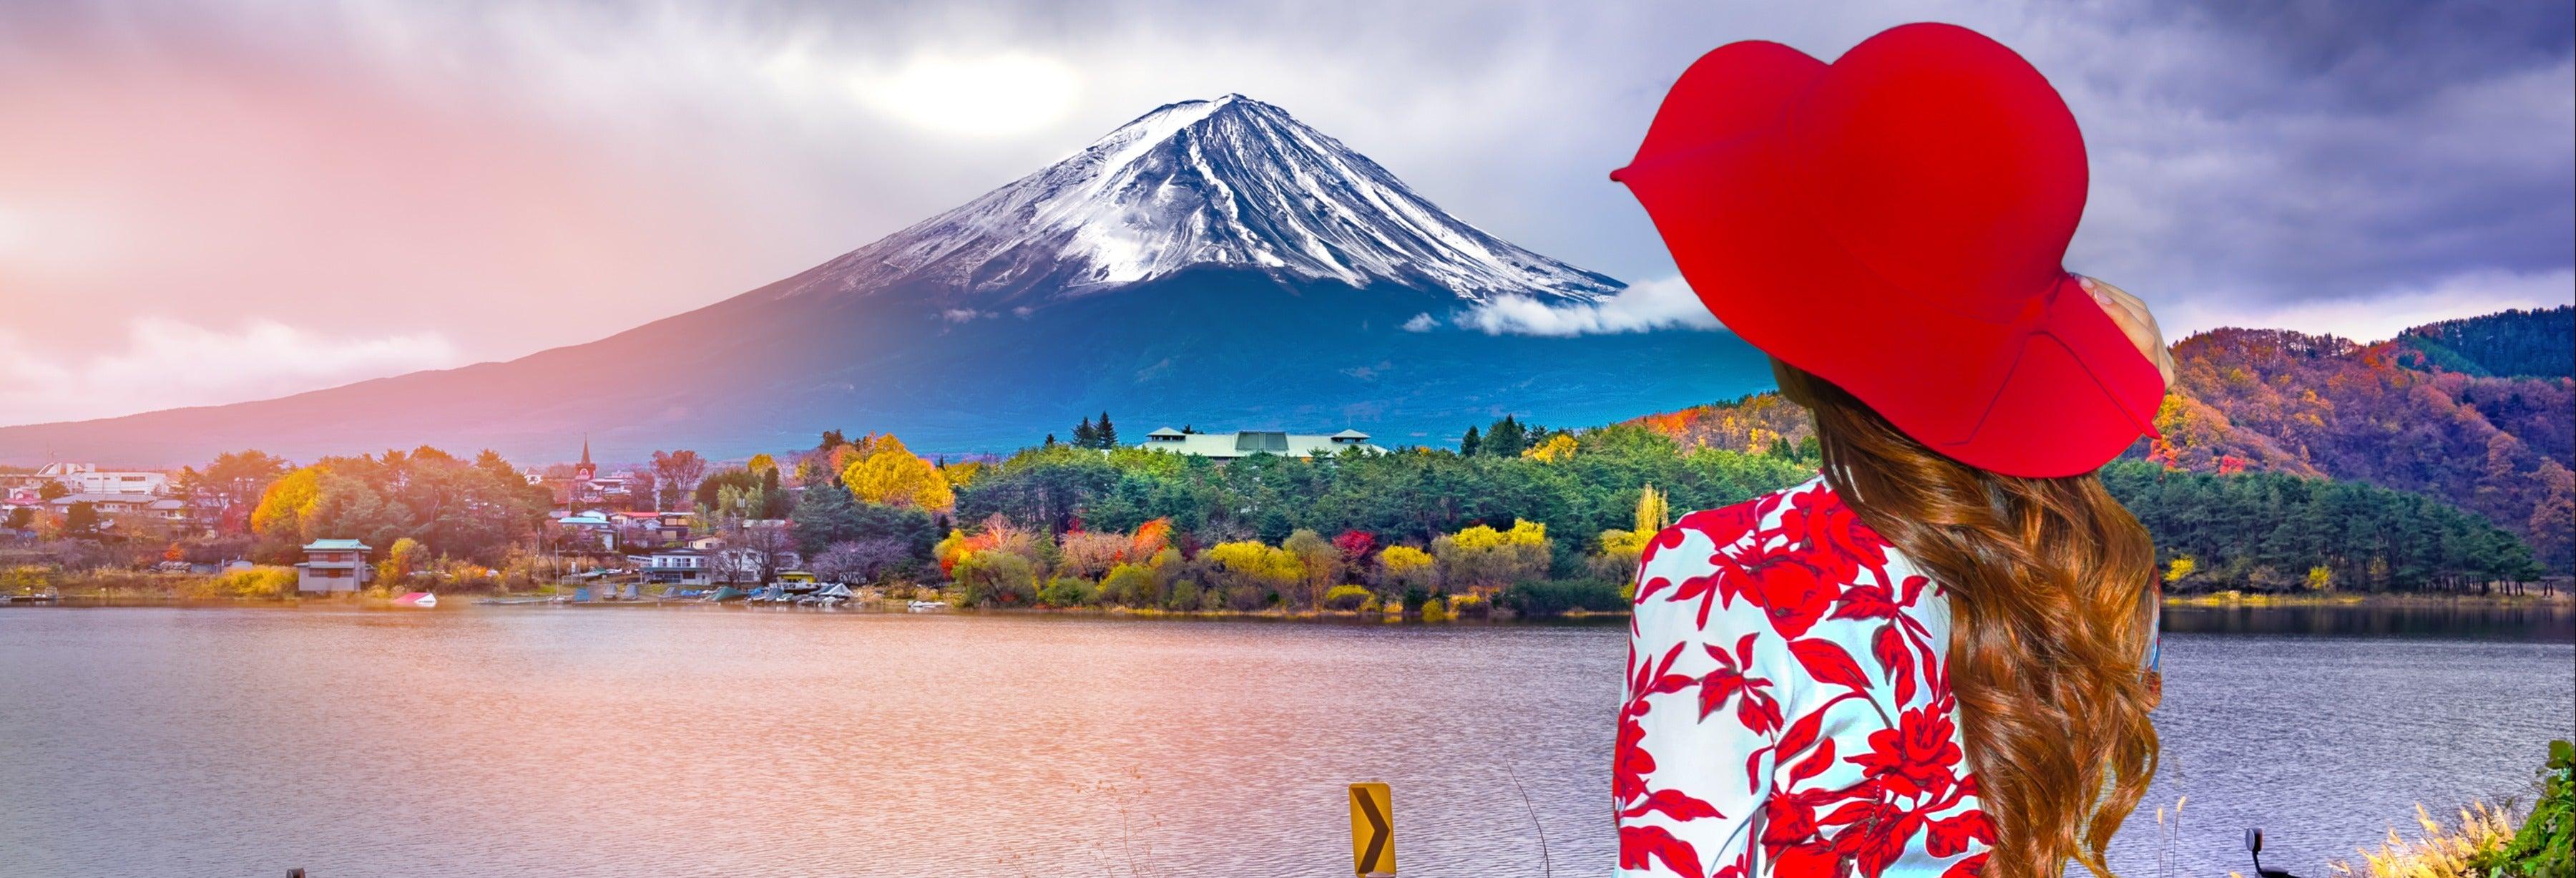 Excursion au Mont Fuji + Lac Kawaguchi + Gotemba Premium Outlets